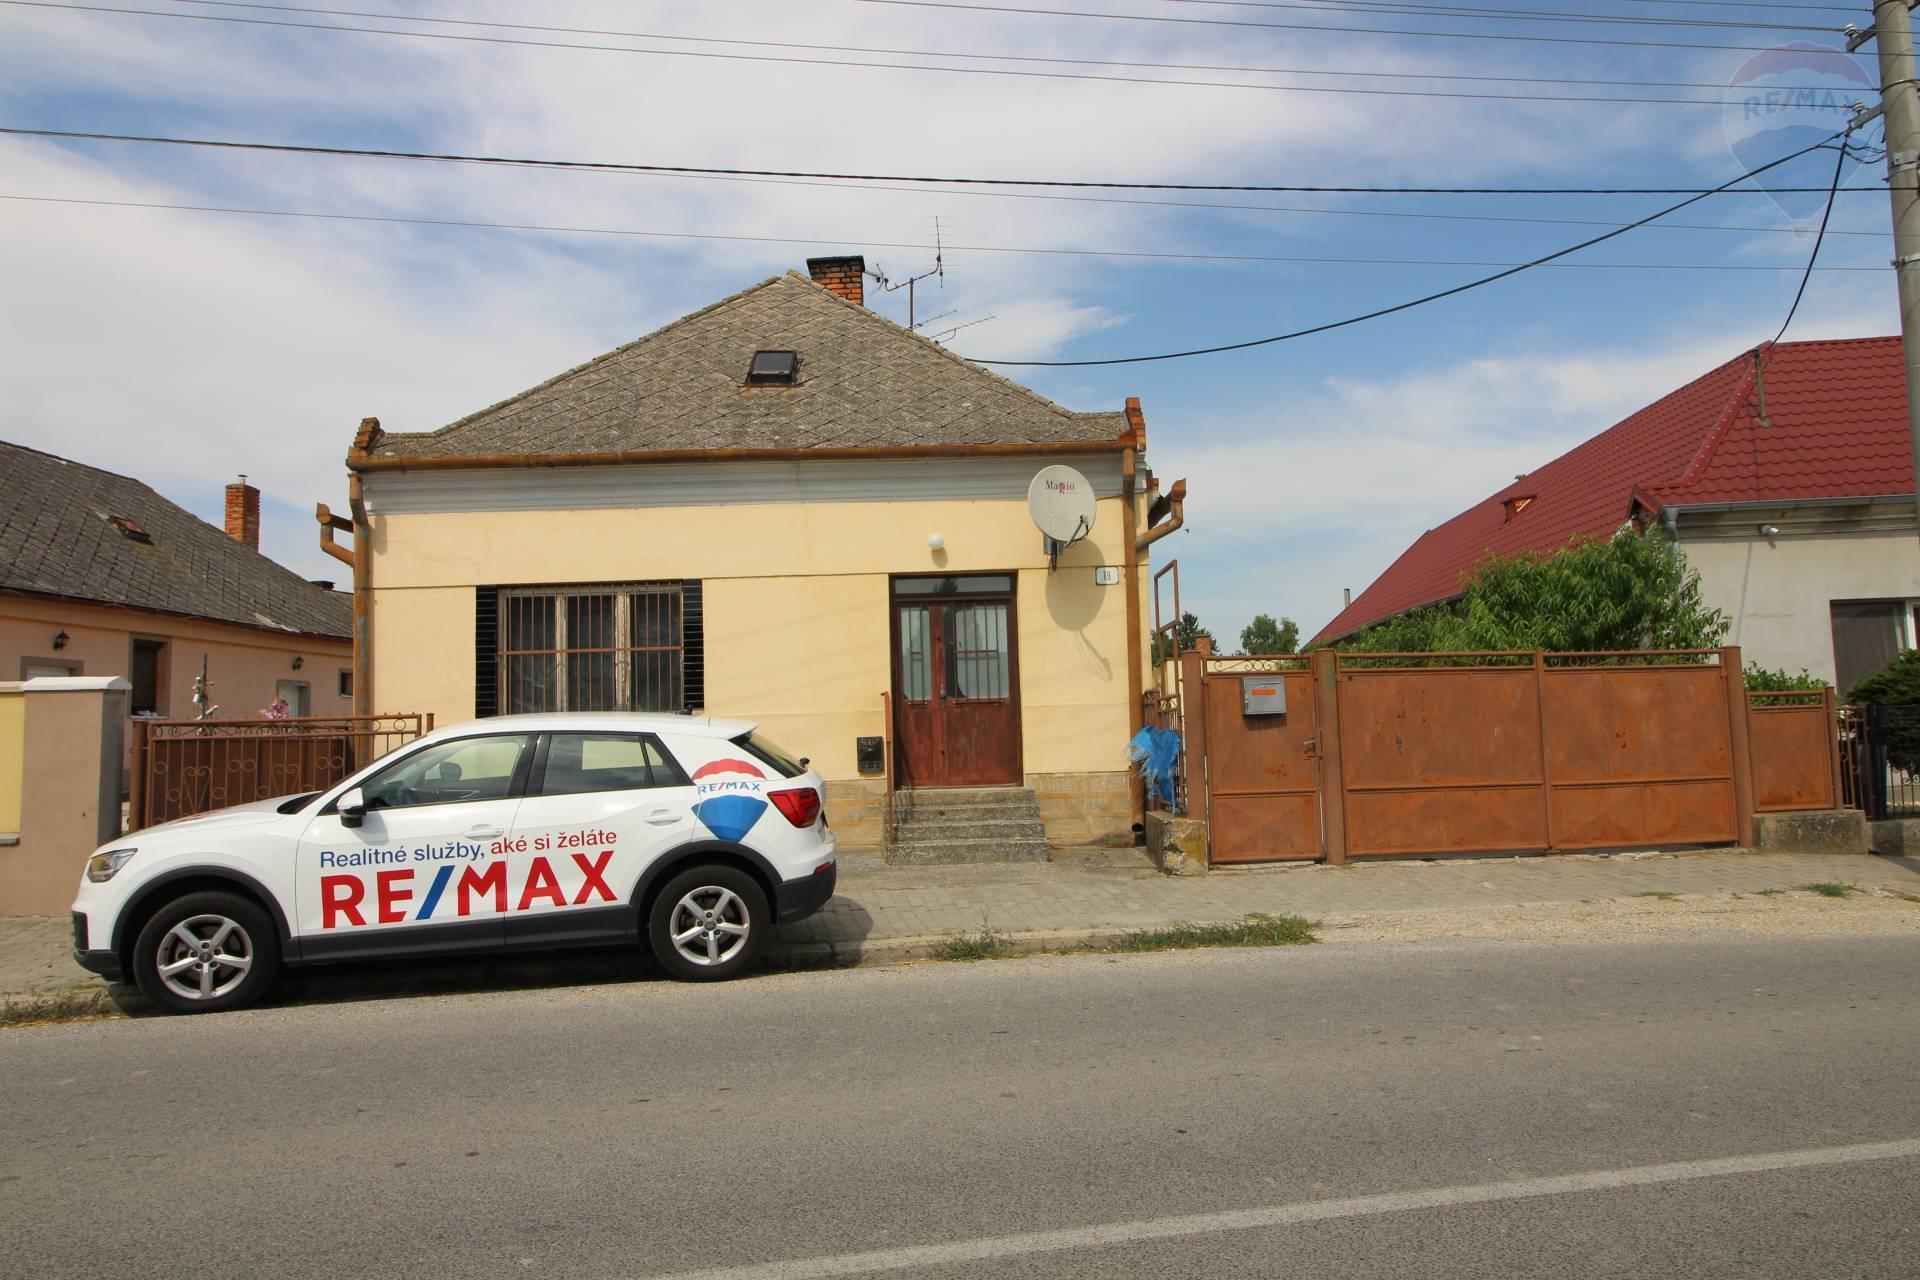 Predaj: 4-izbový rodinný dom, pôvodný stav, Pataš, okres Dunajská Streda